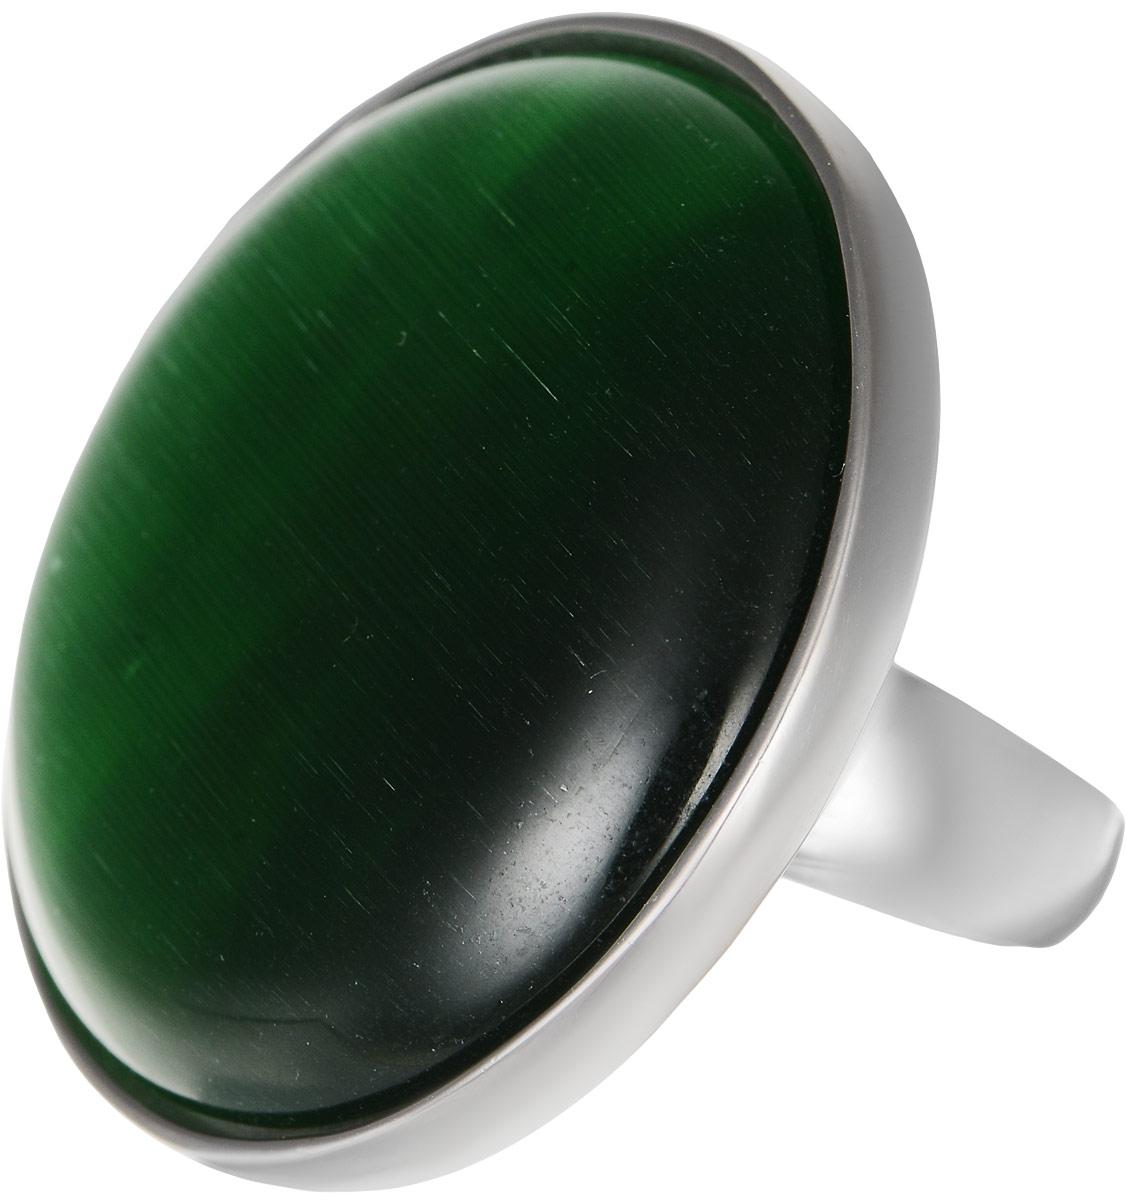 Кольцо Polina Selezneva, цвет: серебристый, зеленый. DG-0020. Размер 19Коктейльное кольцоОригинальное кольцо Polina Selezneva выполнено из бижутерийного сплава. Изделие круглой формы, дополнено искусственным камнем. Такое кольцо это блестящее завершение вашего неповторимого, смелого образа и отличный подарок для ценительницы необычных украшений!